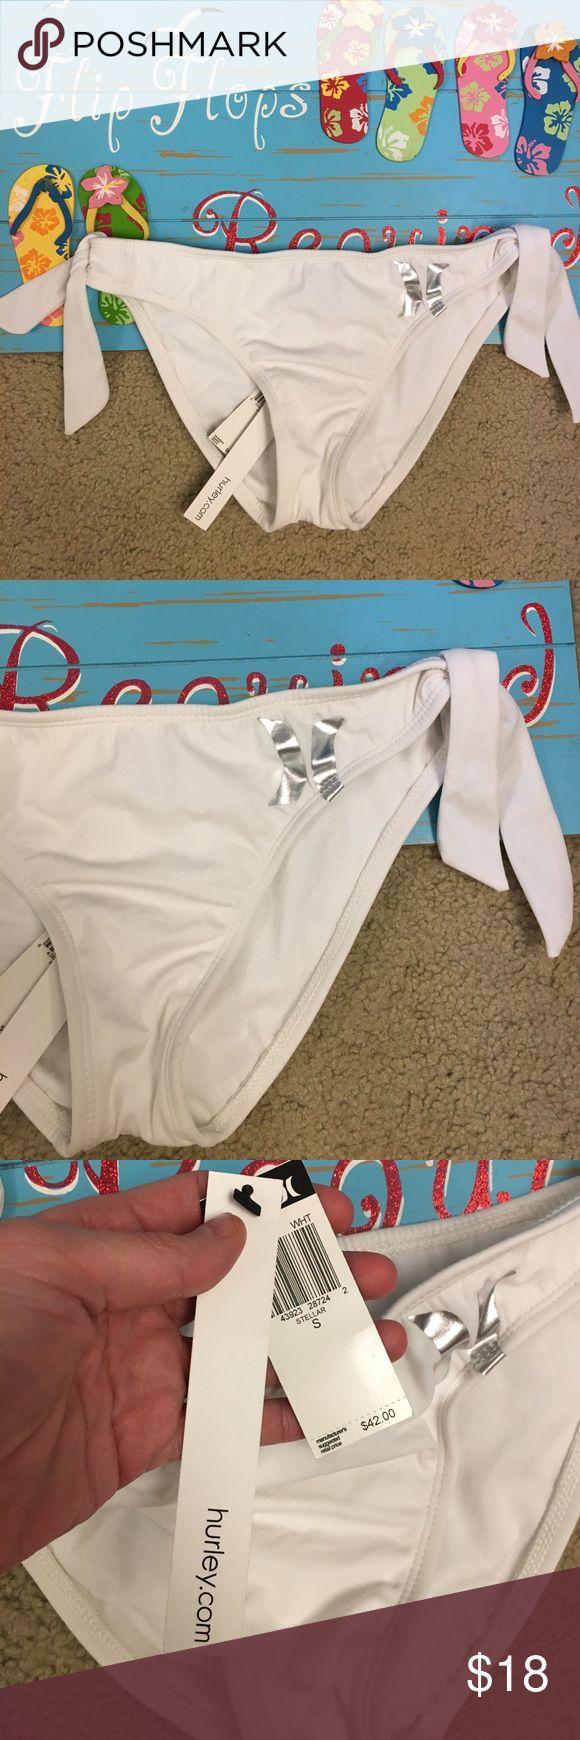 💕NWT HURLEY bikini bottoms💕 NWT size small HURLEY white and silver bikini bottoms have ties on the sides Hurley Swim Bikinis